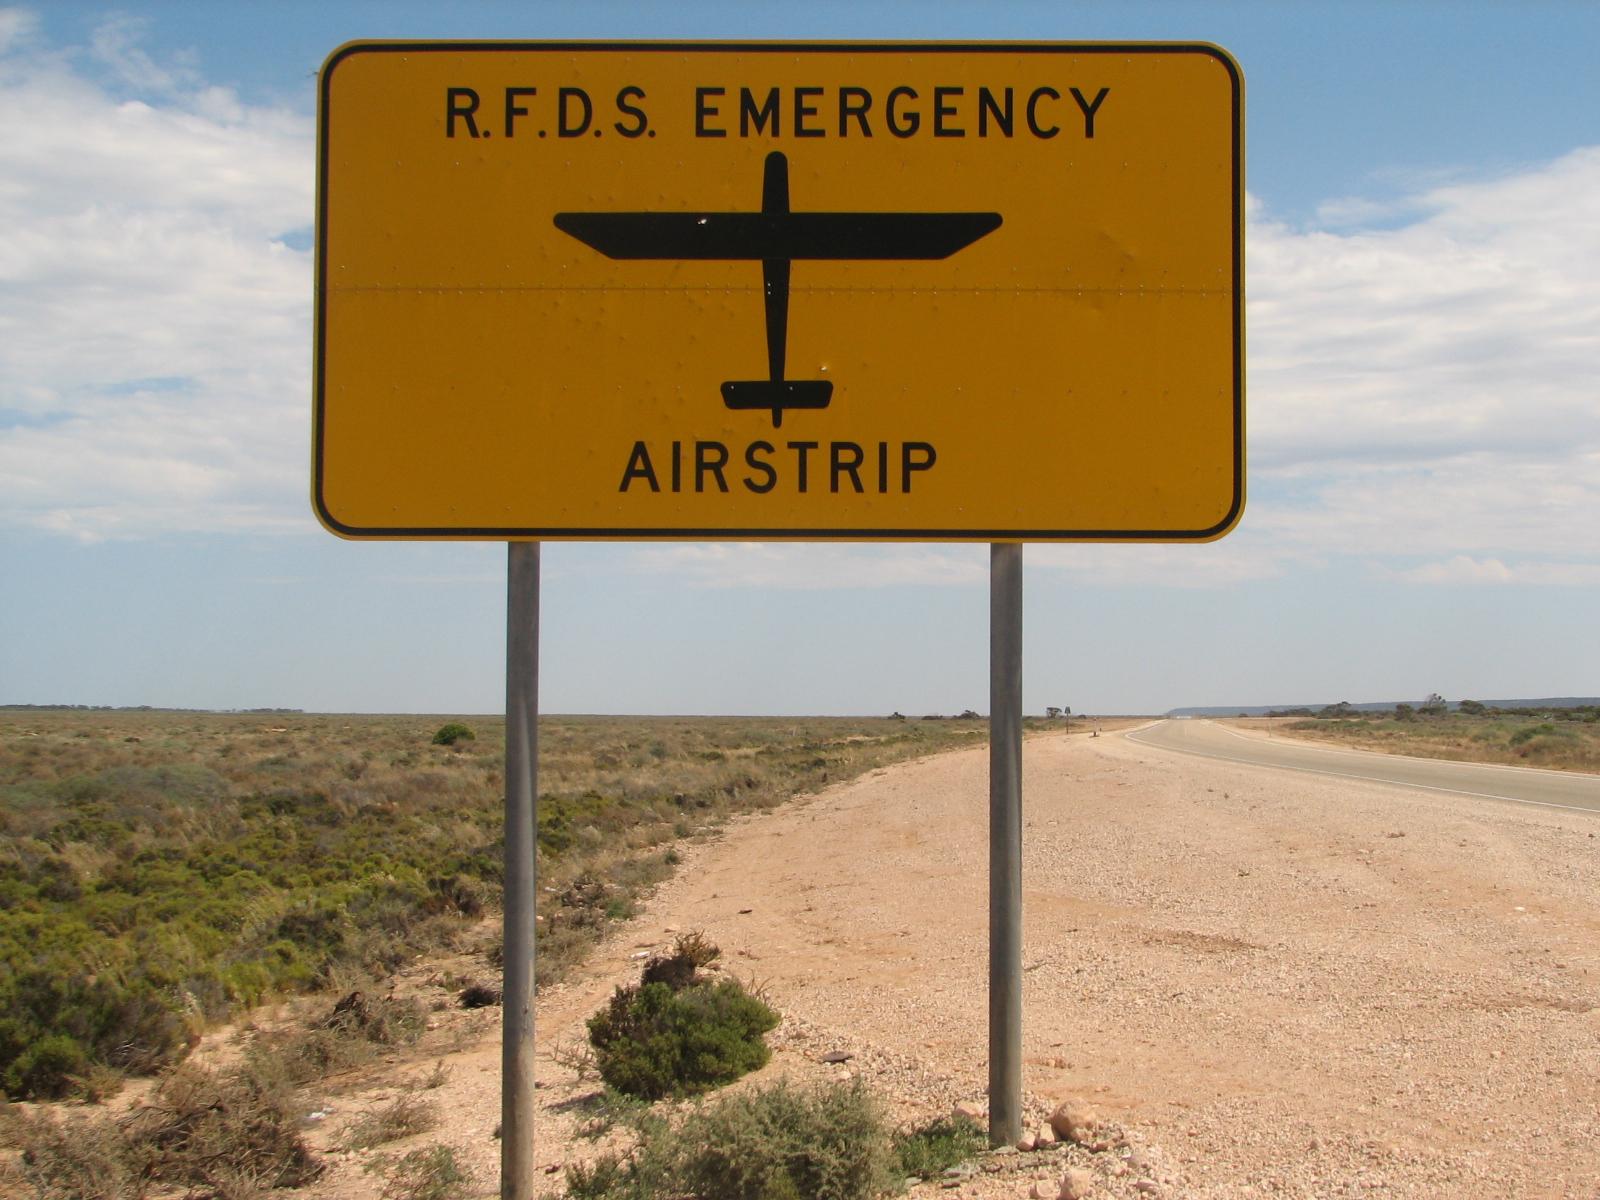 RFDS_emergency_landing_strip_sign.jpg